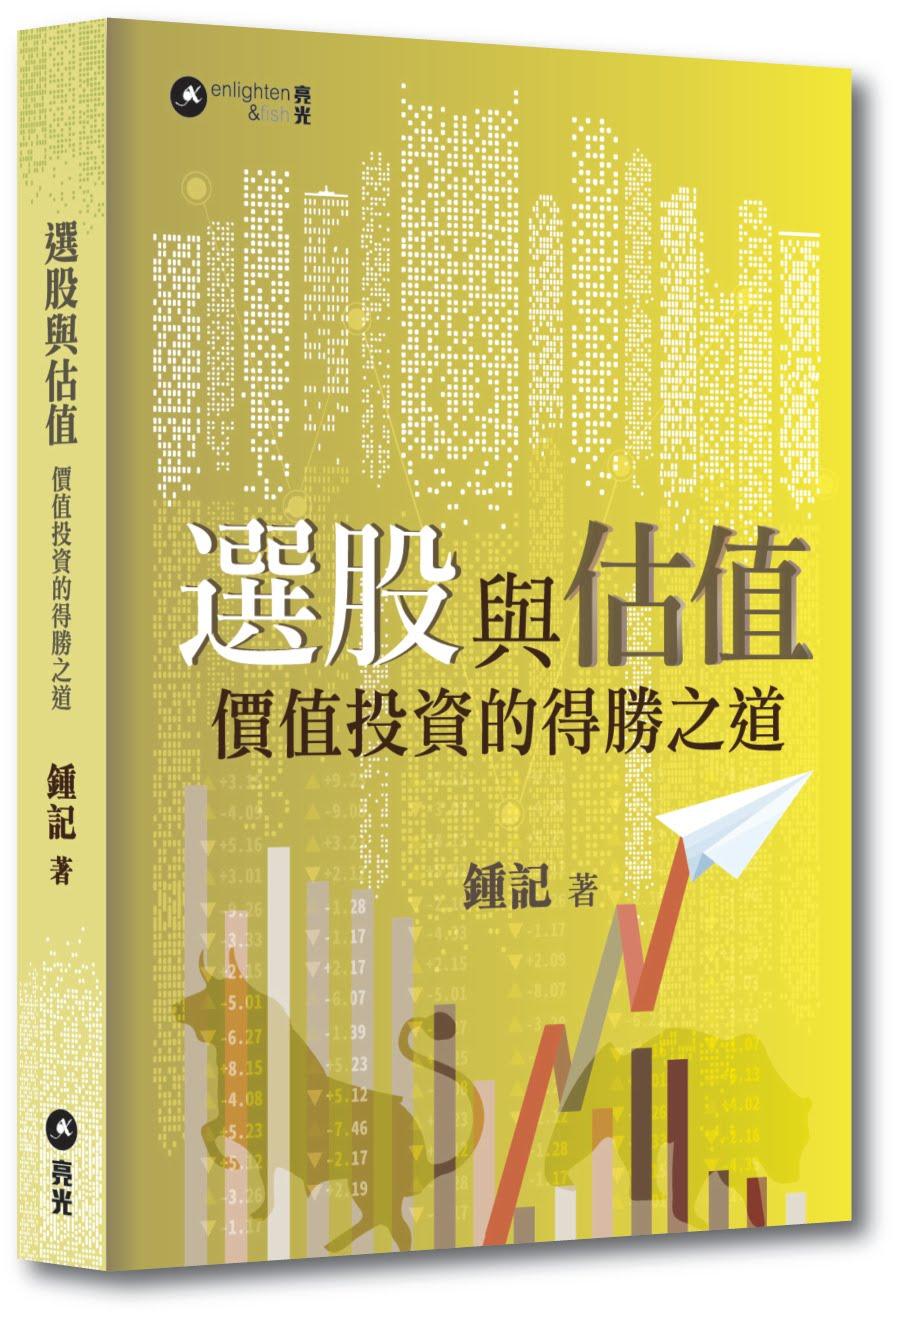 新書熱賣中,已印第三版,感謝大家捧場!